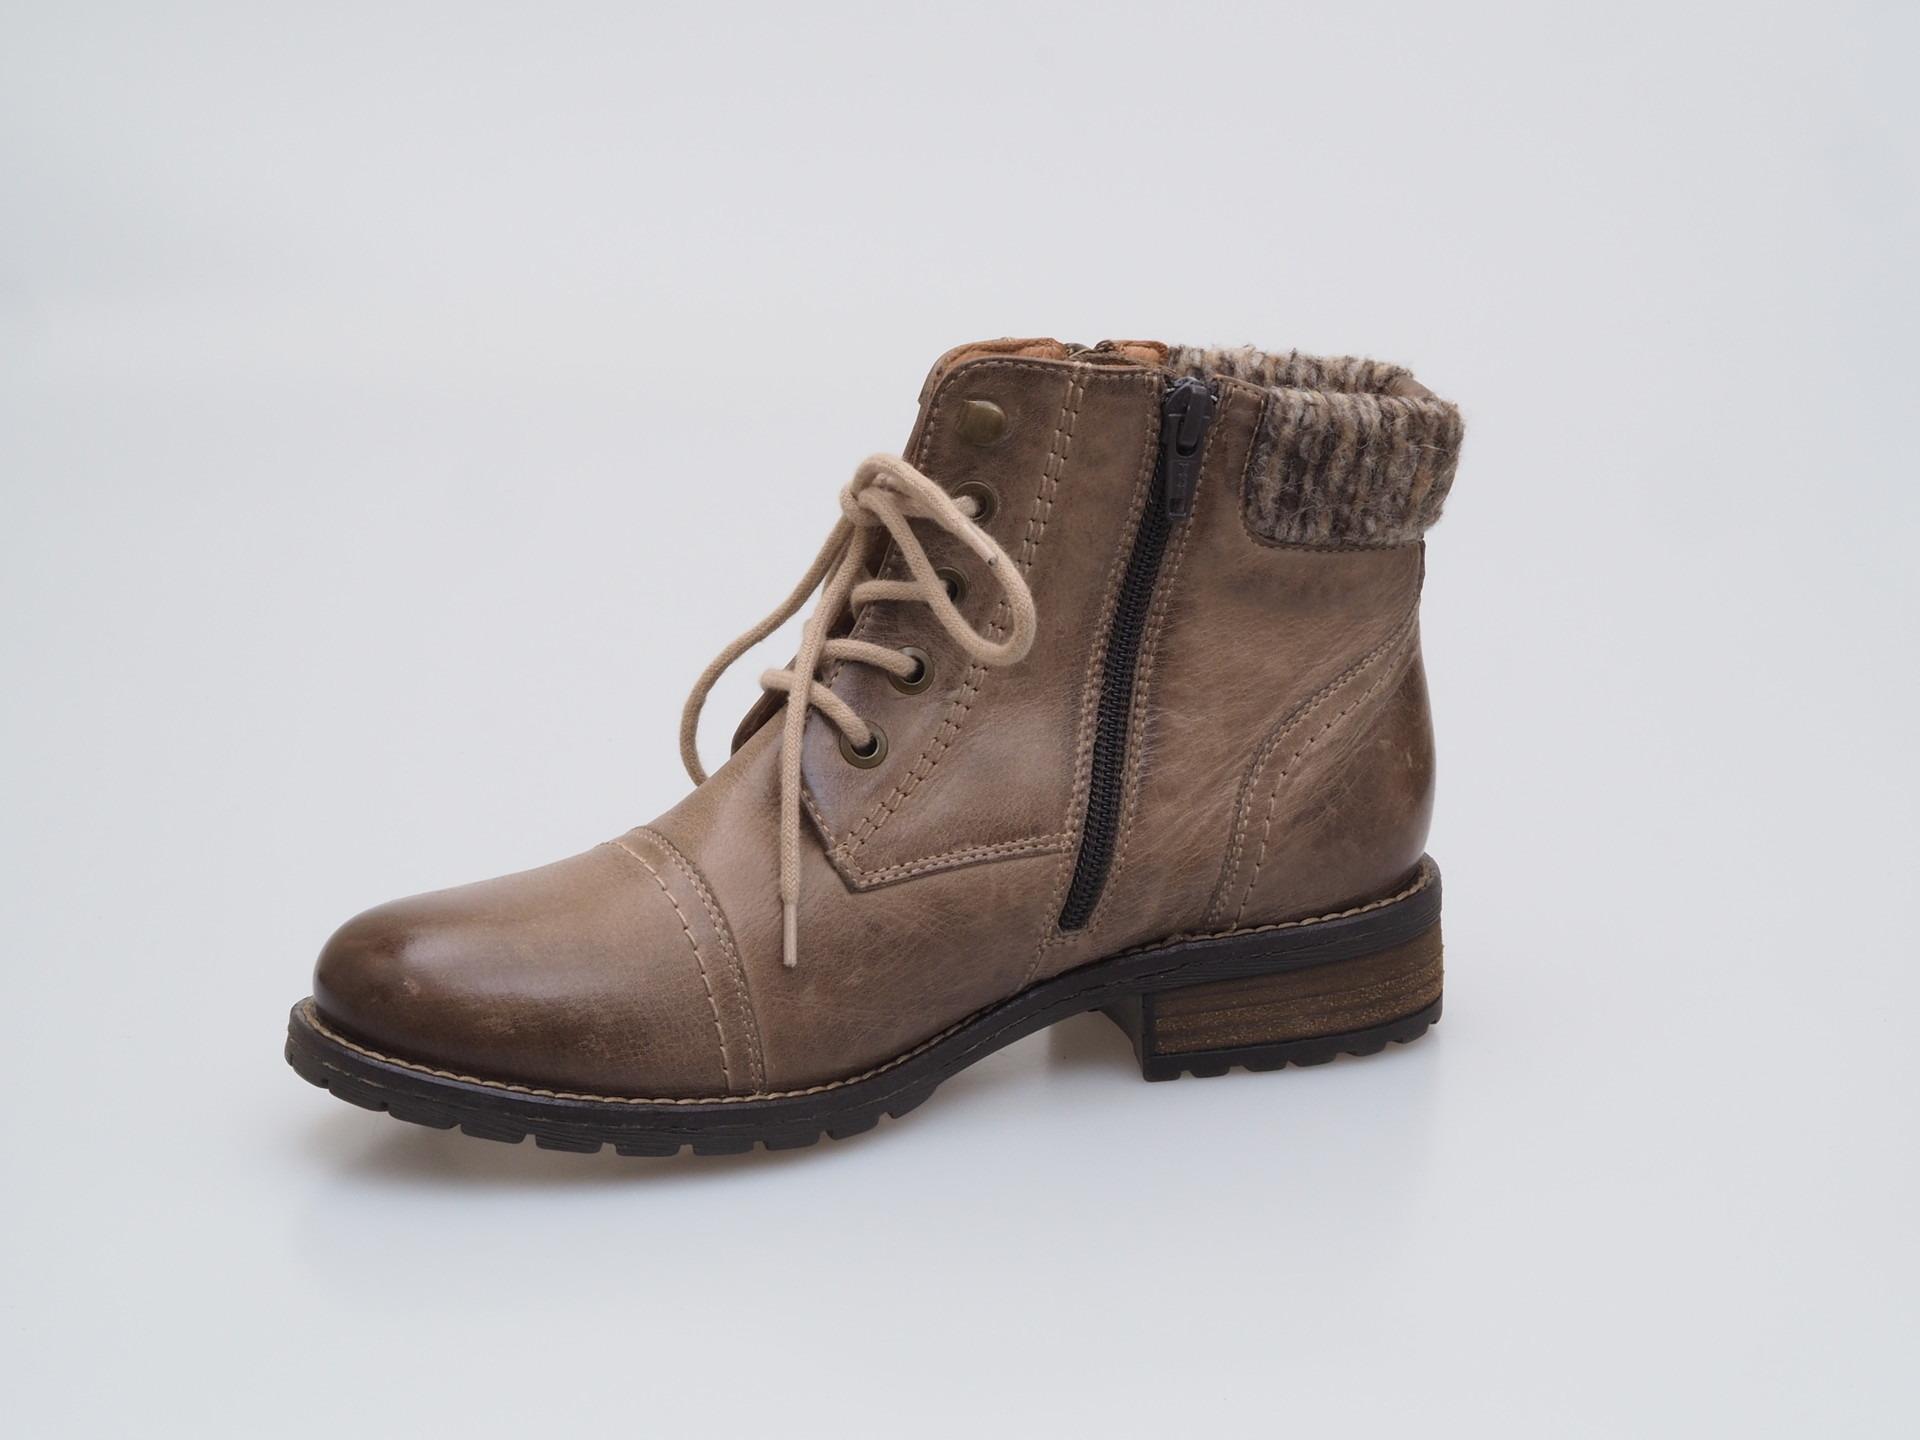 cefa8c5f15e Soňa - Dámska obuv - Kotníčky - Hnedá dámska šnurovacia obuv